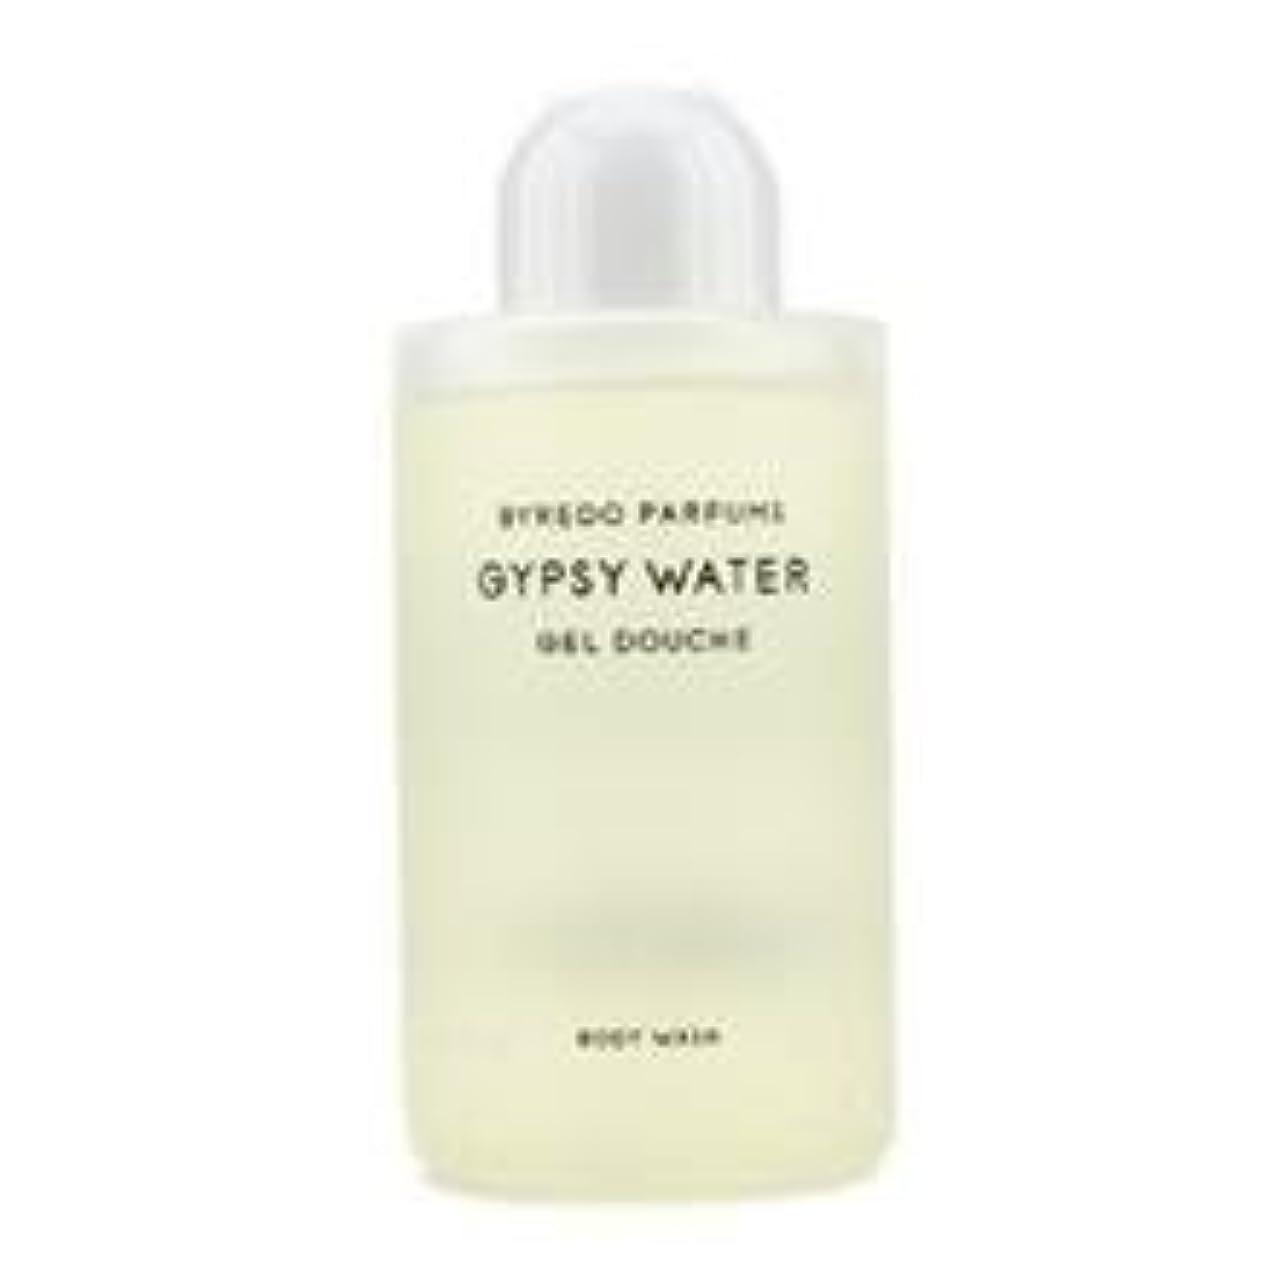 添付書き出す文Byredo Gypsy Water Body Wash 225ml/7.6oz by Byredo